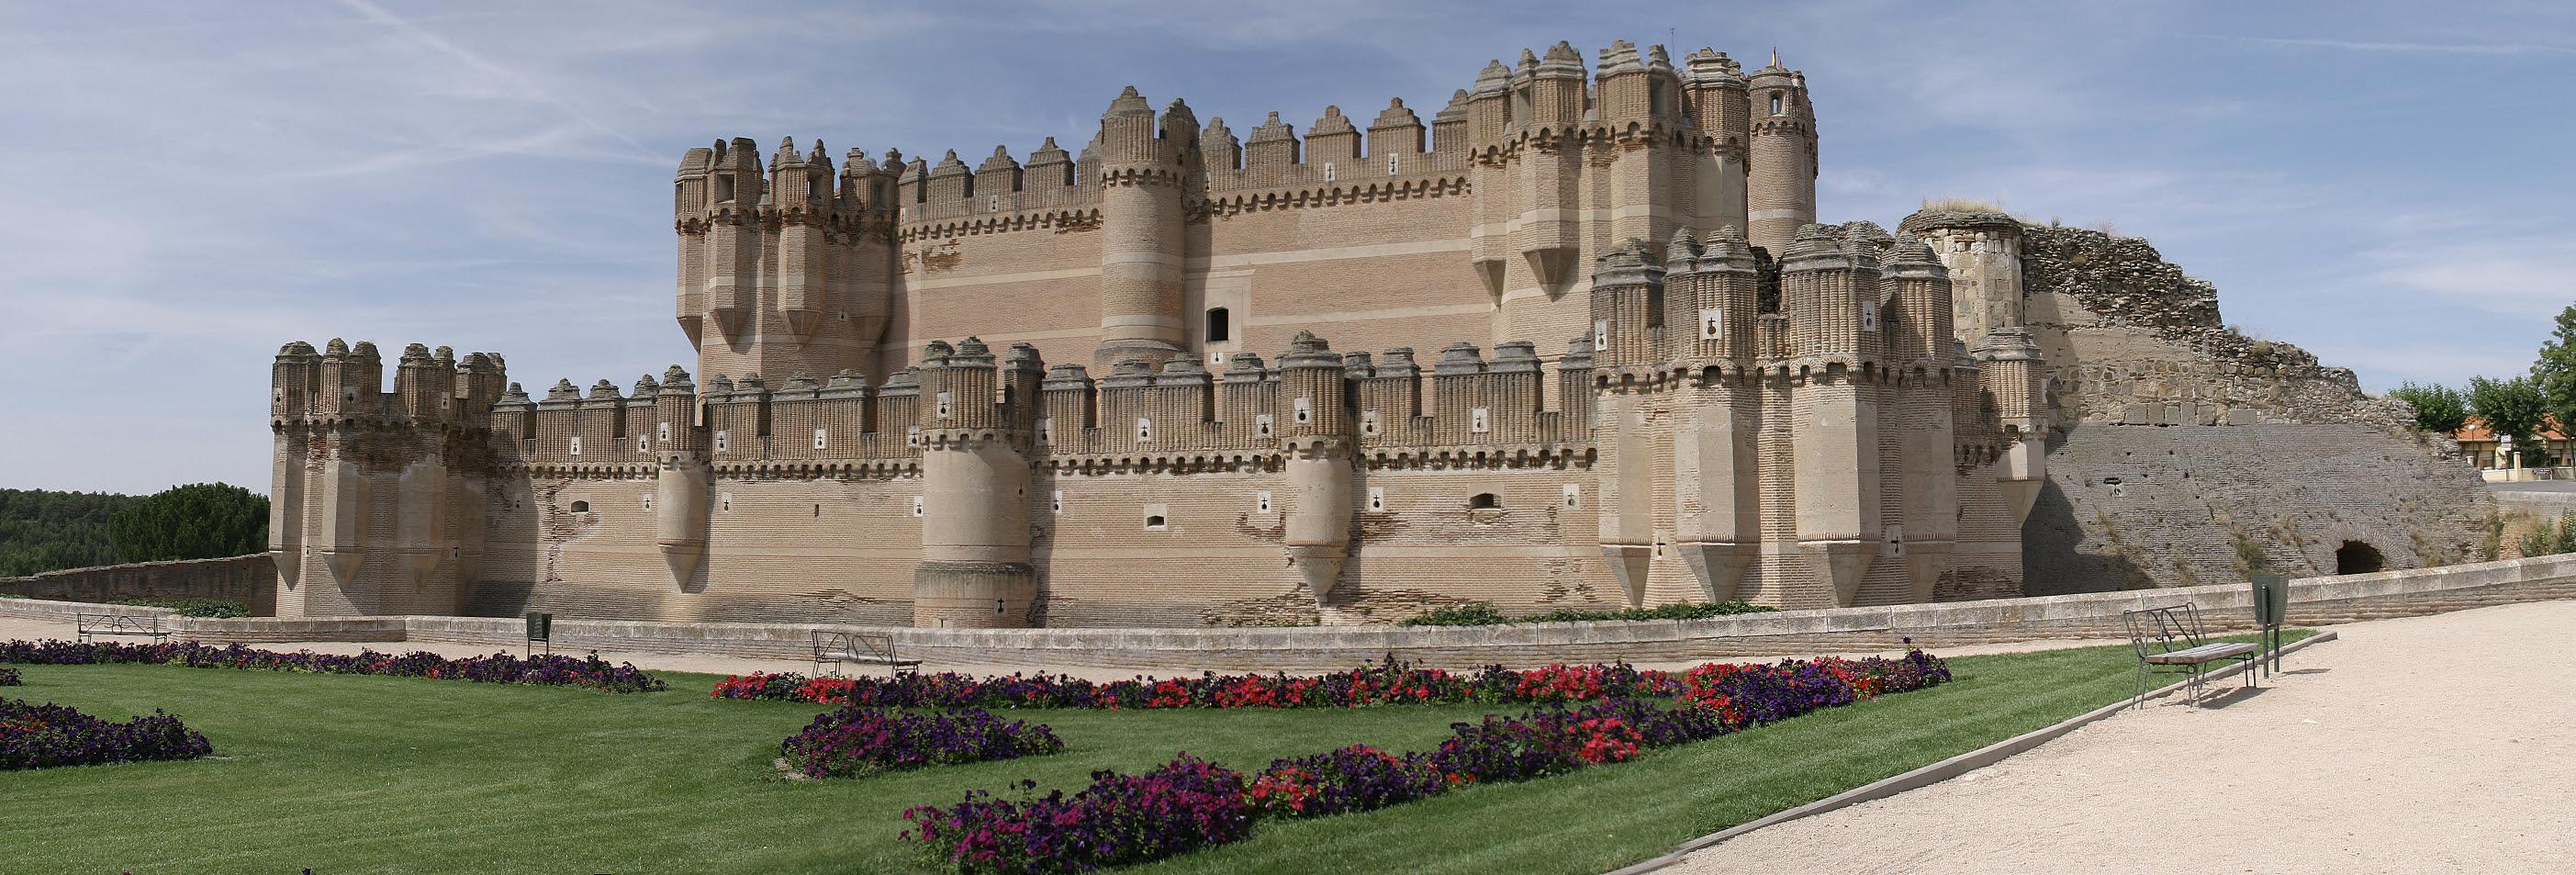 http://upload.wikimedia.org/wikipedia/commons/0/0a/Castillo_de_Coca.jpg